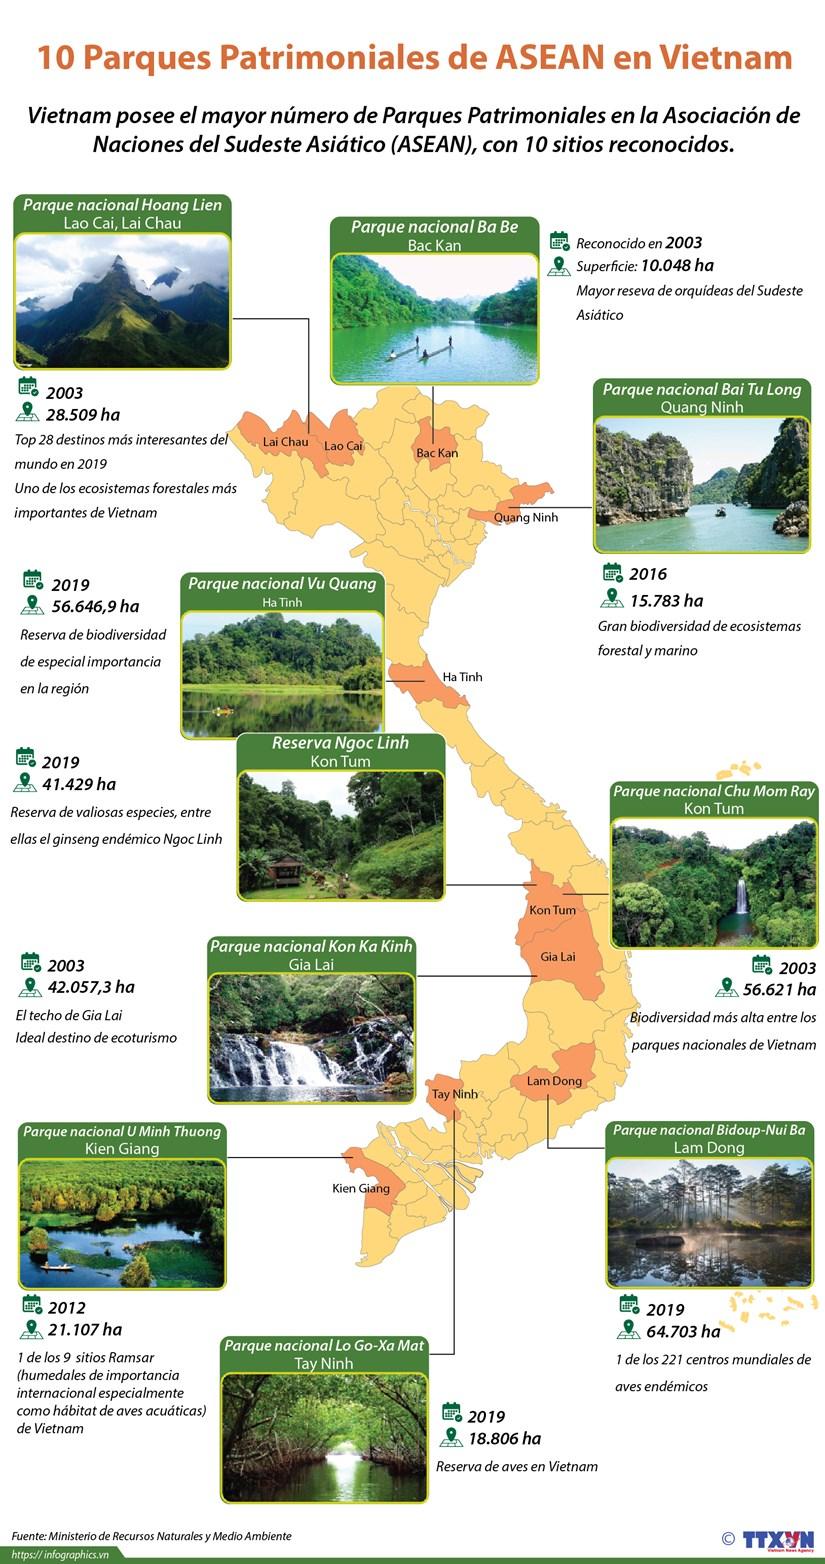 10 Parques Patrimoniales de ASEAN en Vietnam hinh anh 1